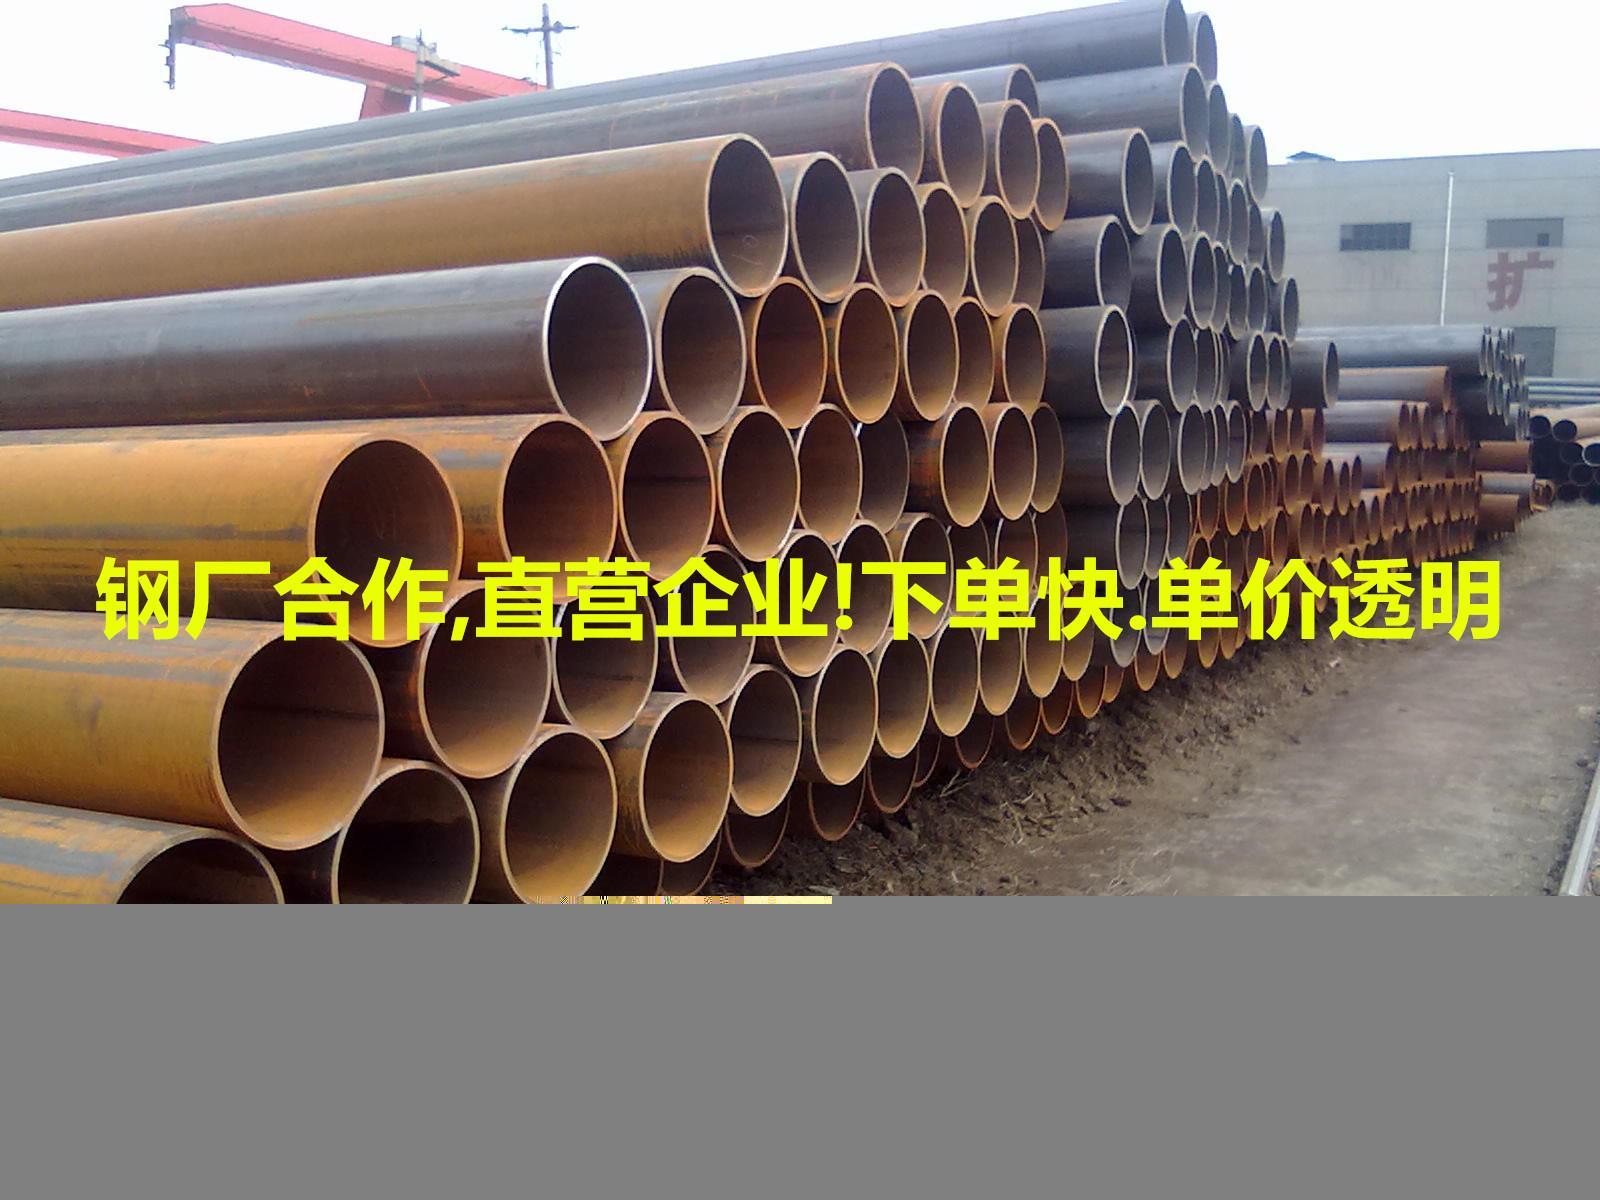 上海专业订制焊管生产厂家